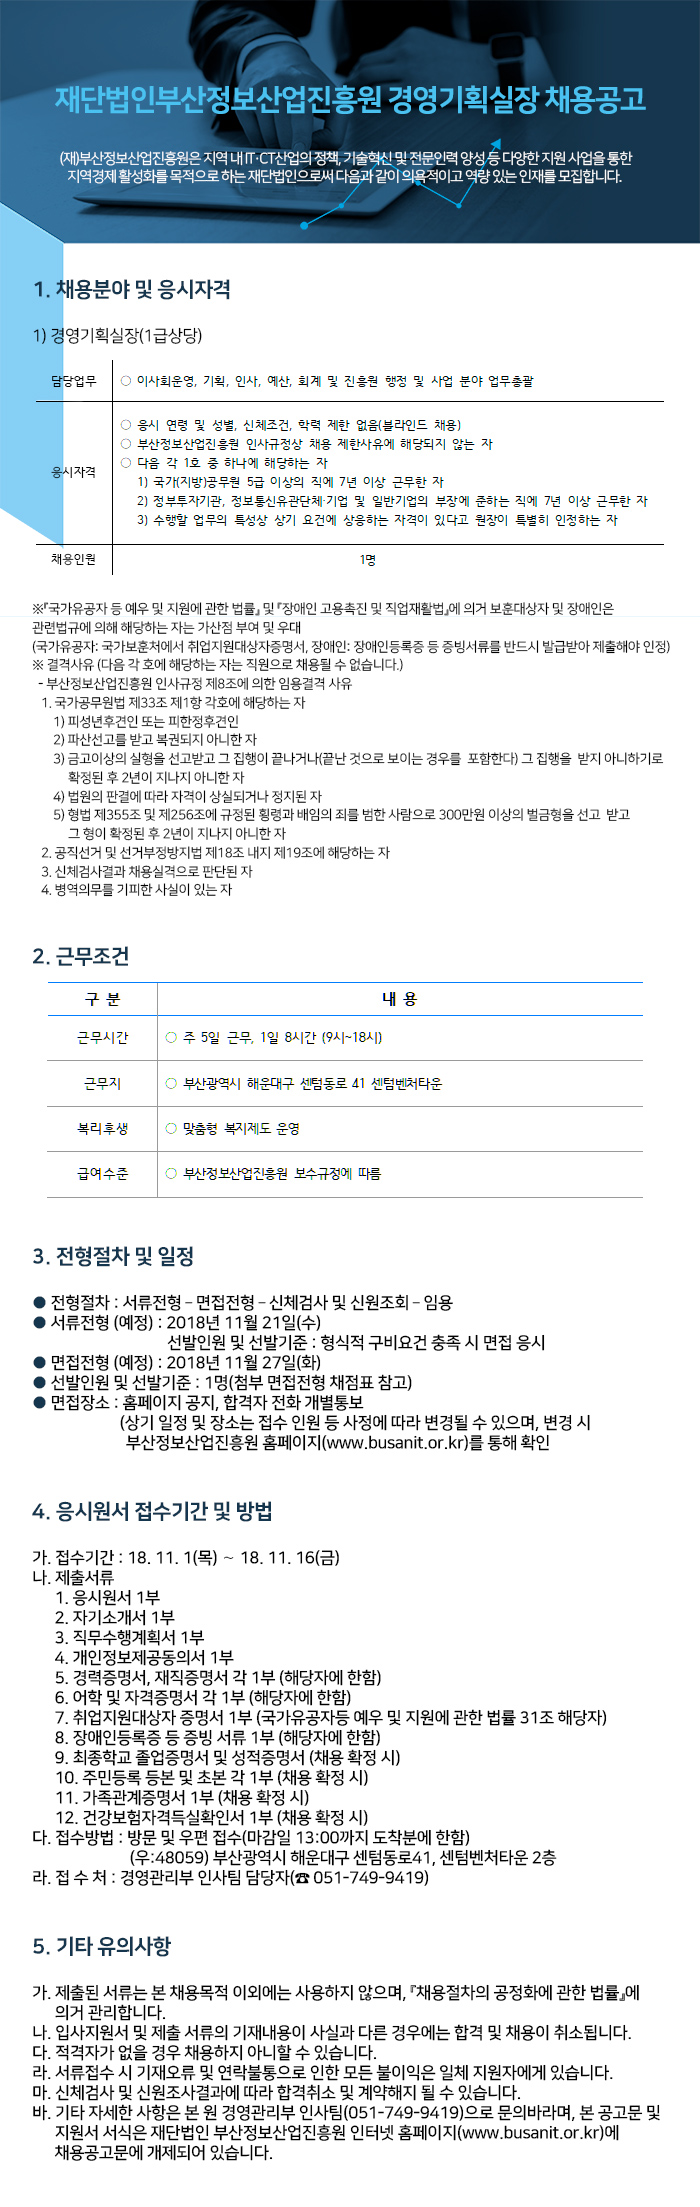 재단법인부산정보산업진흥원 경영기획실장 채용공고